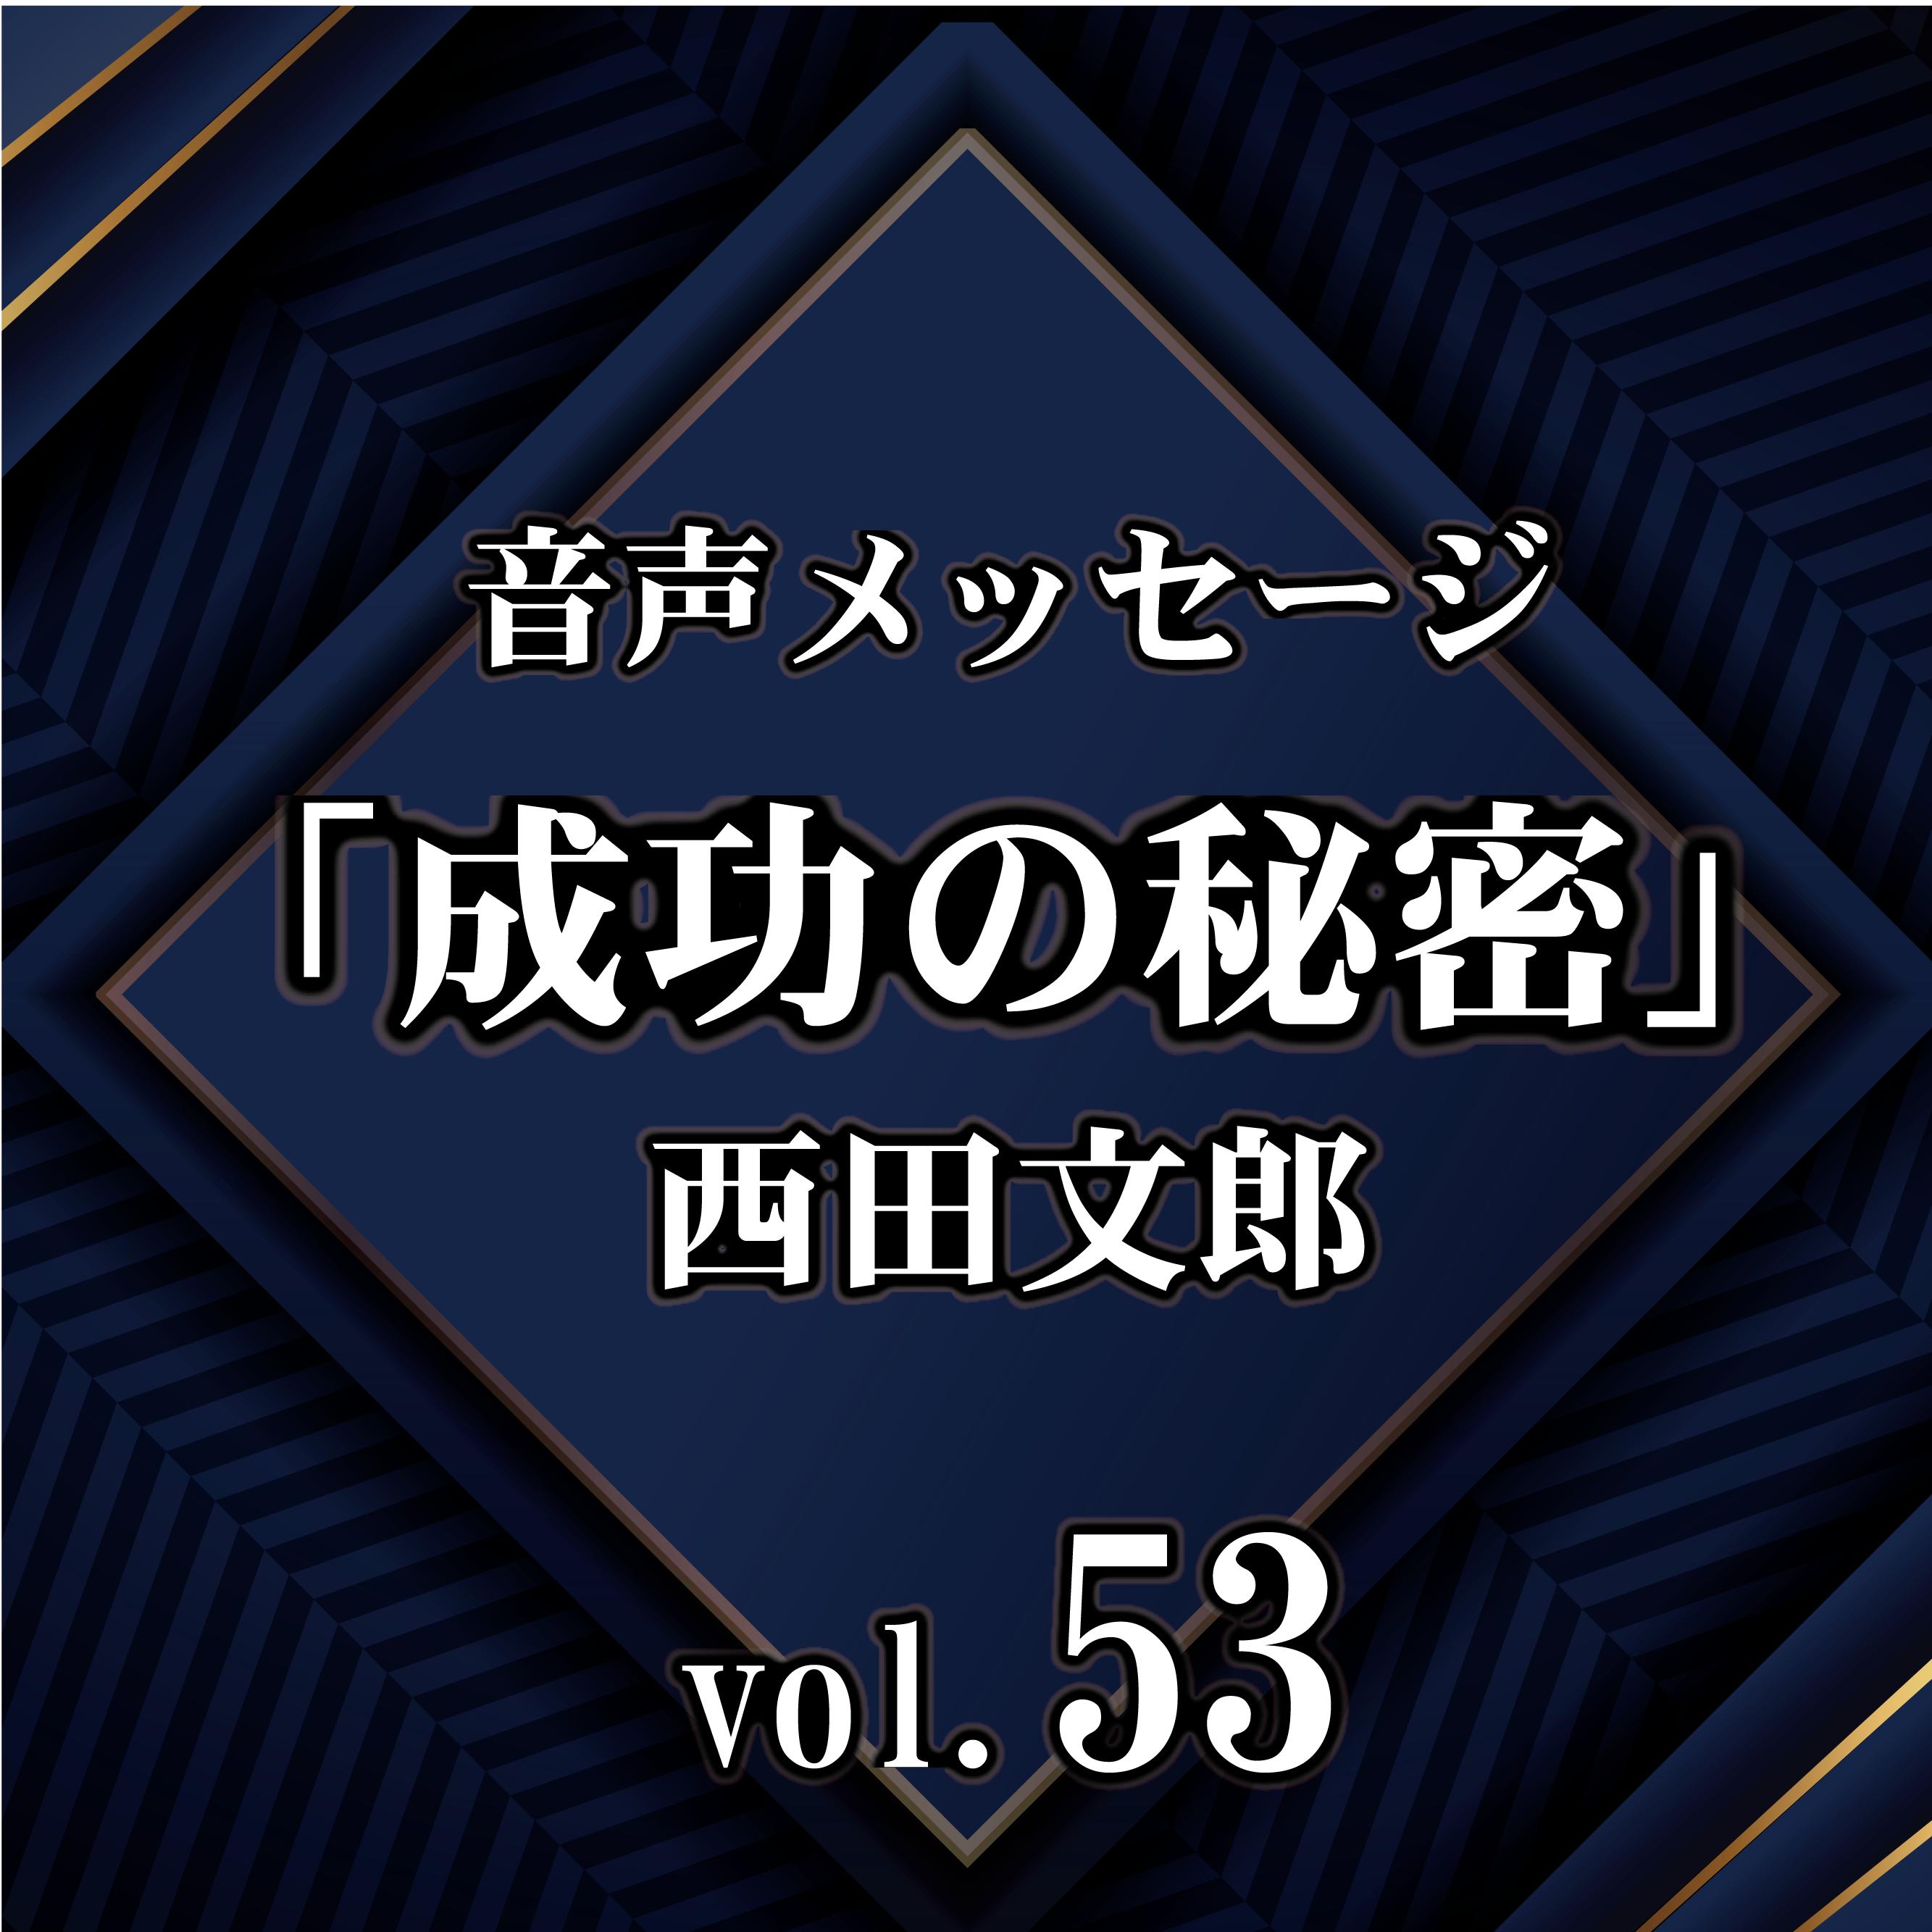 西田文郎 音声メッセージvol.53『成功の秘密』